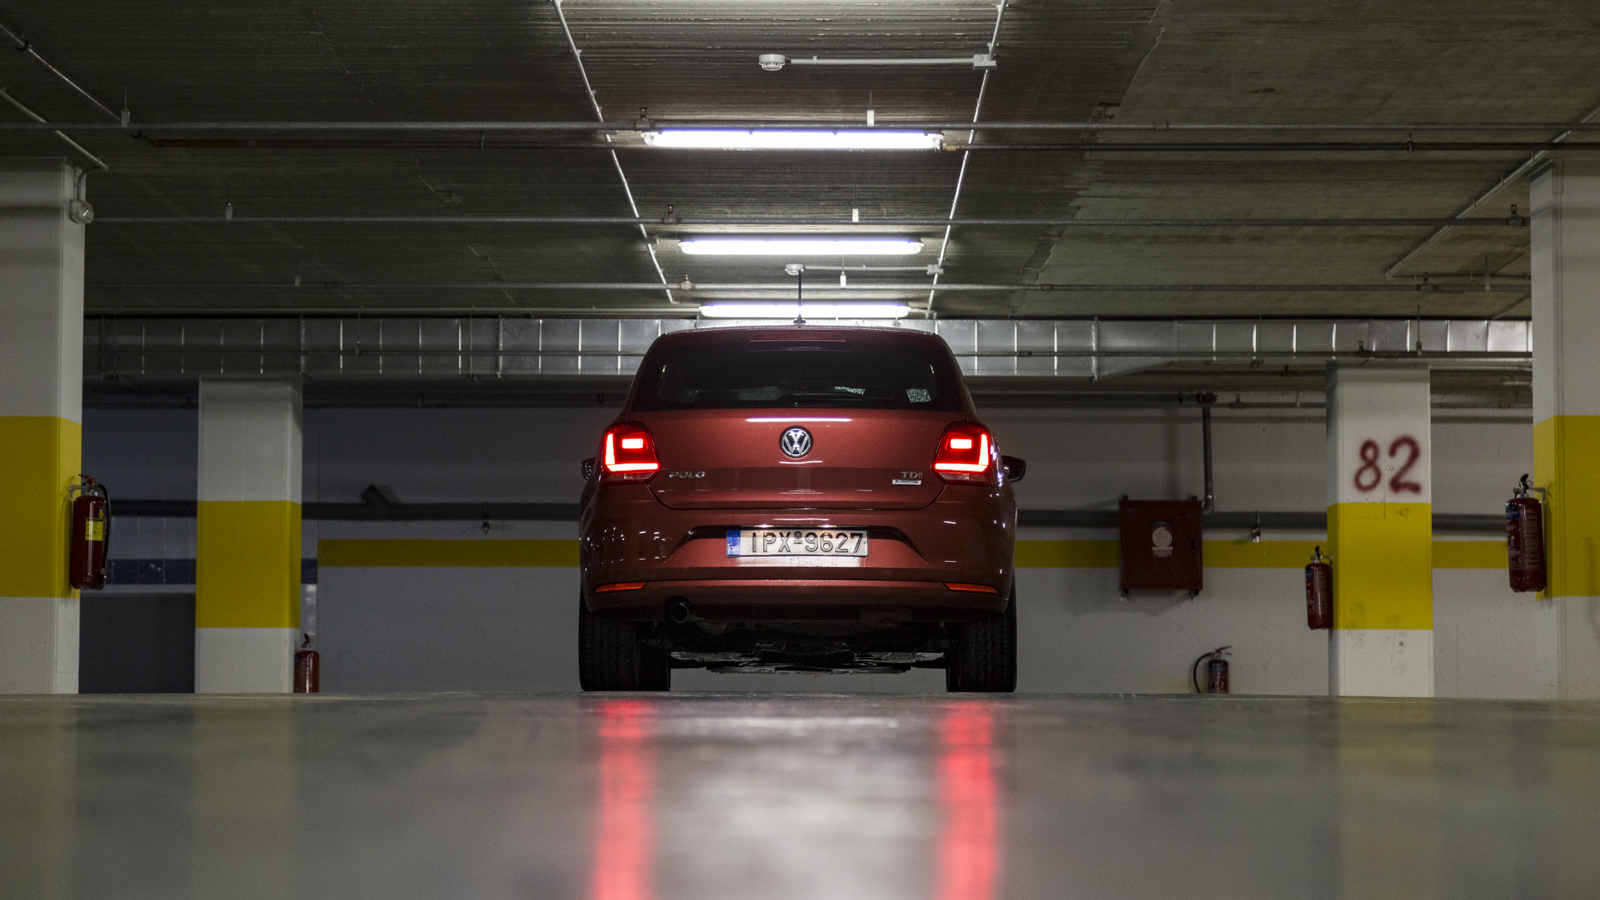 Test_Drive_VW_Polo_1.4_TDI_105_07